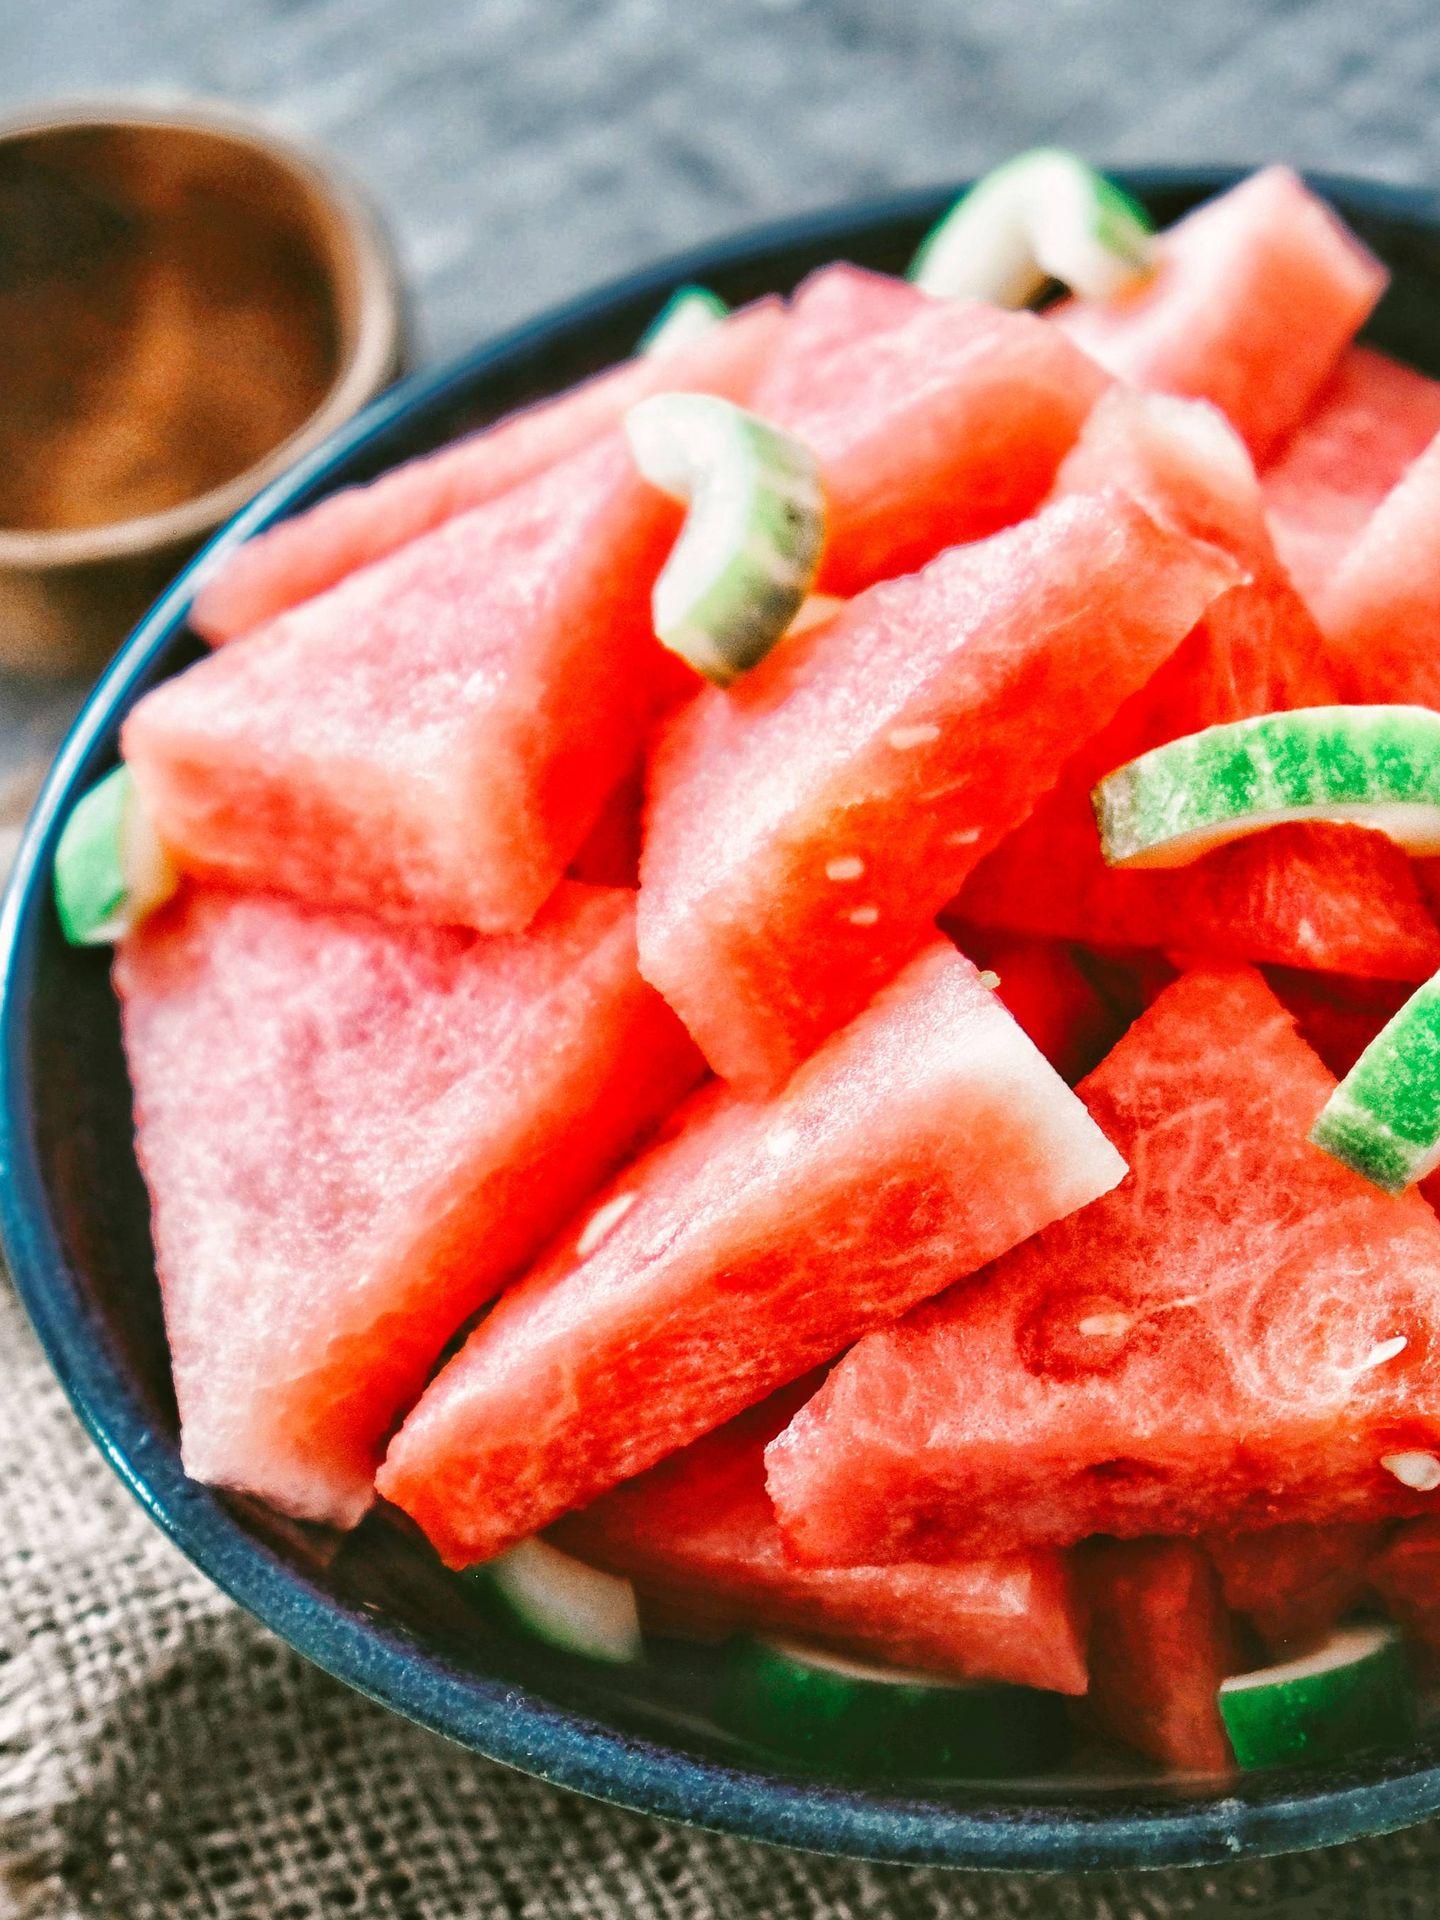 La dieta de la sandía aumenta la ingesta de esta fruta. (Nico Wijaya para Unsplash)